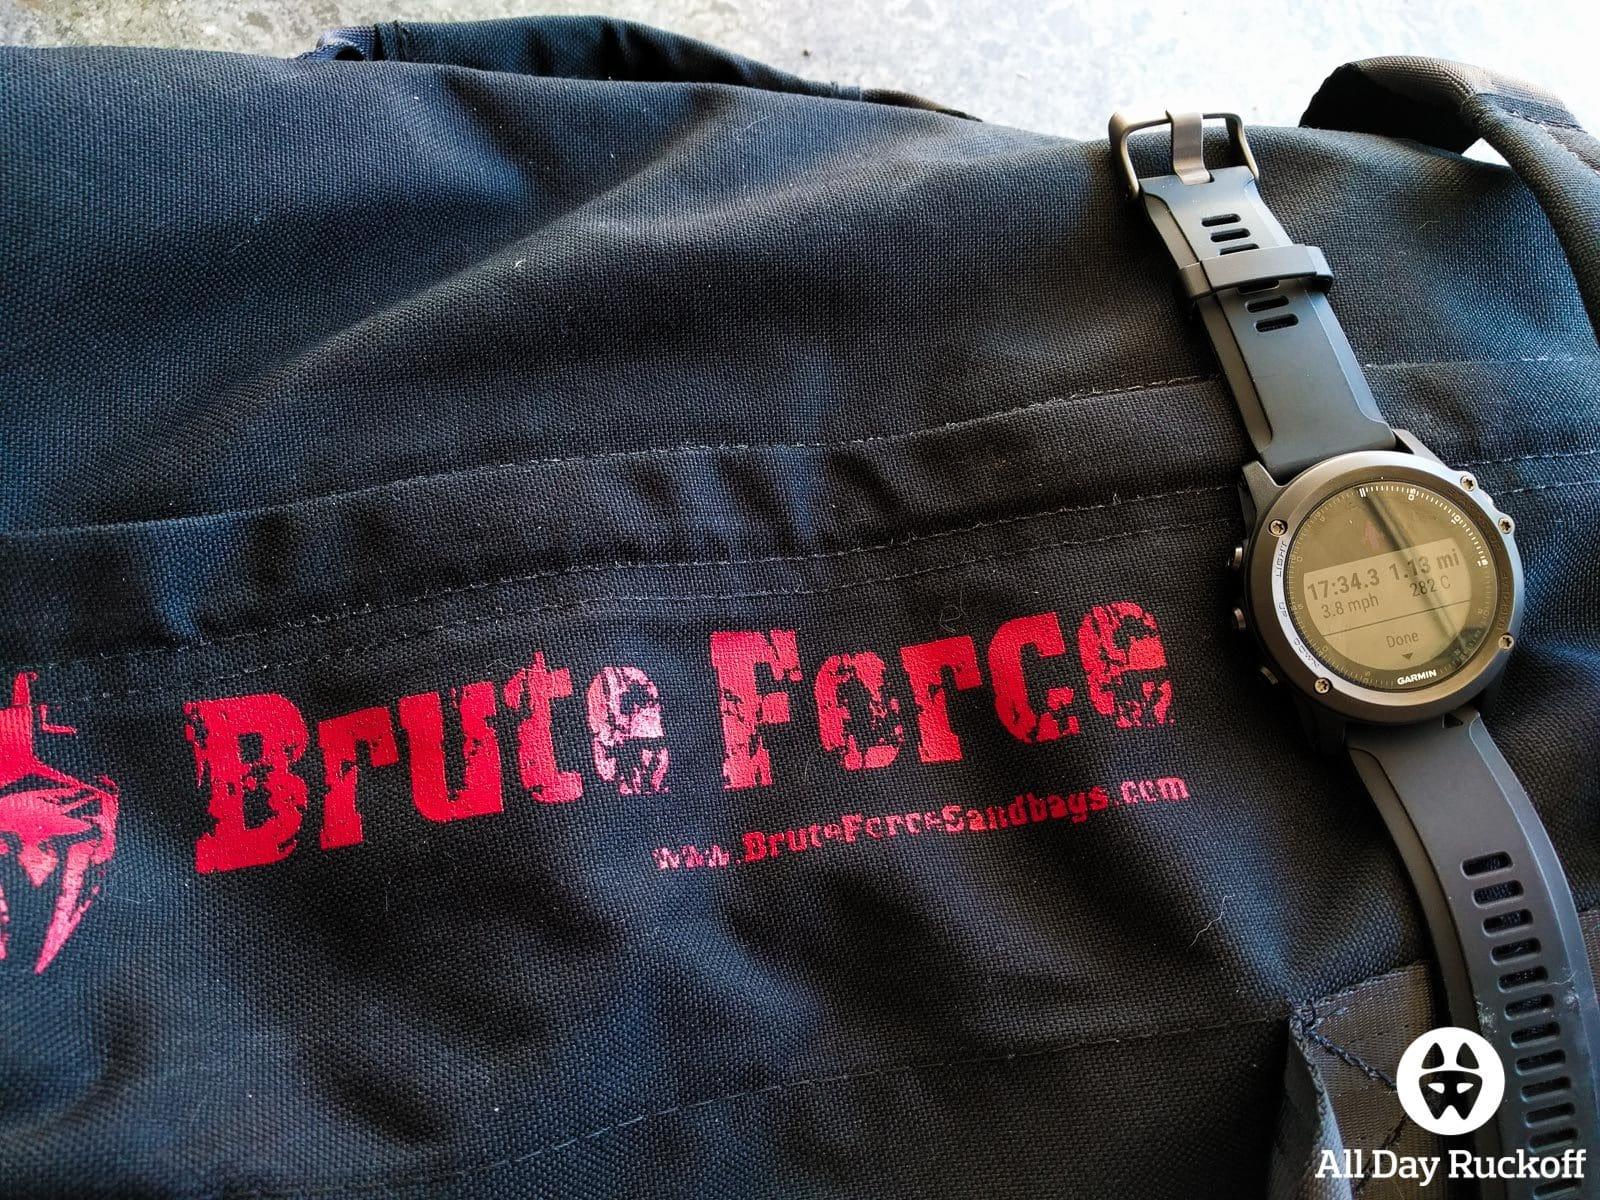 Garmin Fenix 3 HR - Brute Force Sandbag